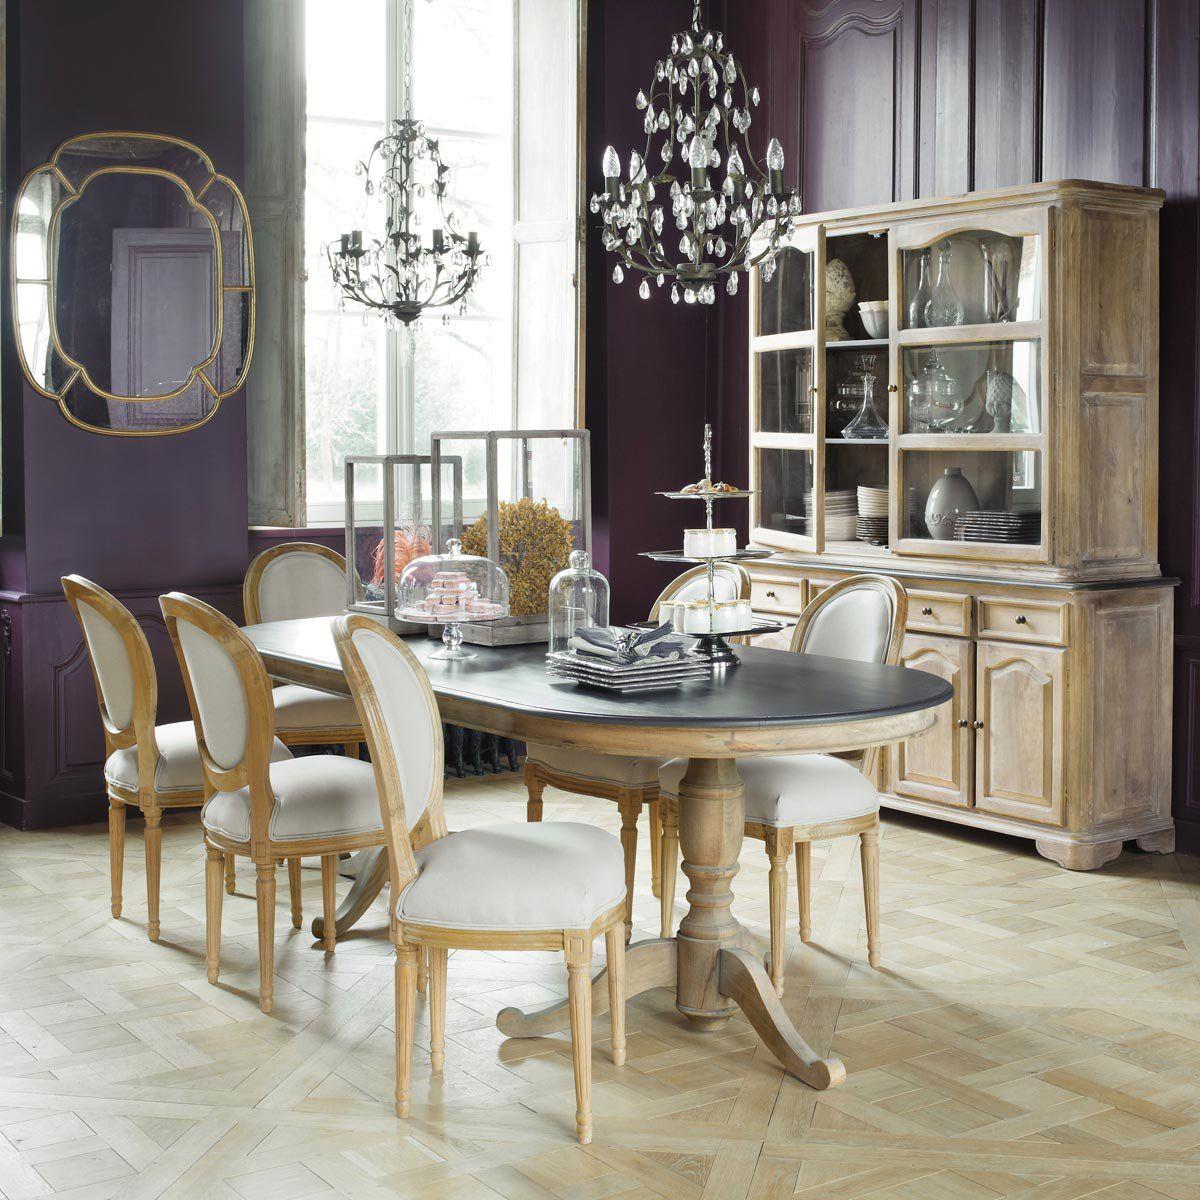 chaise m daillon en lin et ch ne massif pinterest maison du monde chaise medaillon et manger. Black Bedroom Furniture Sets. Home Design Ideas